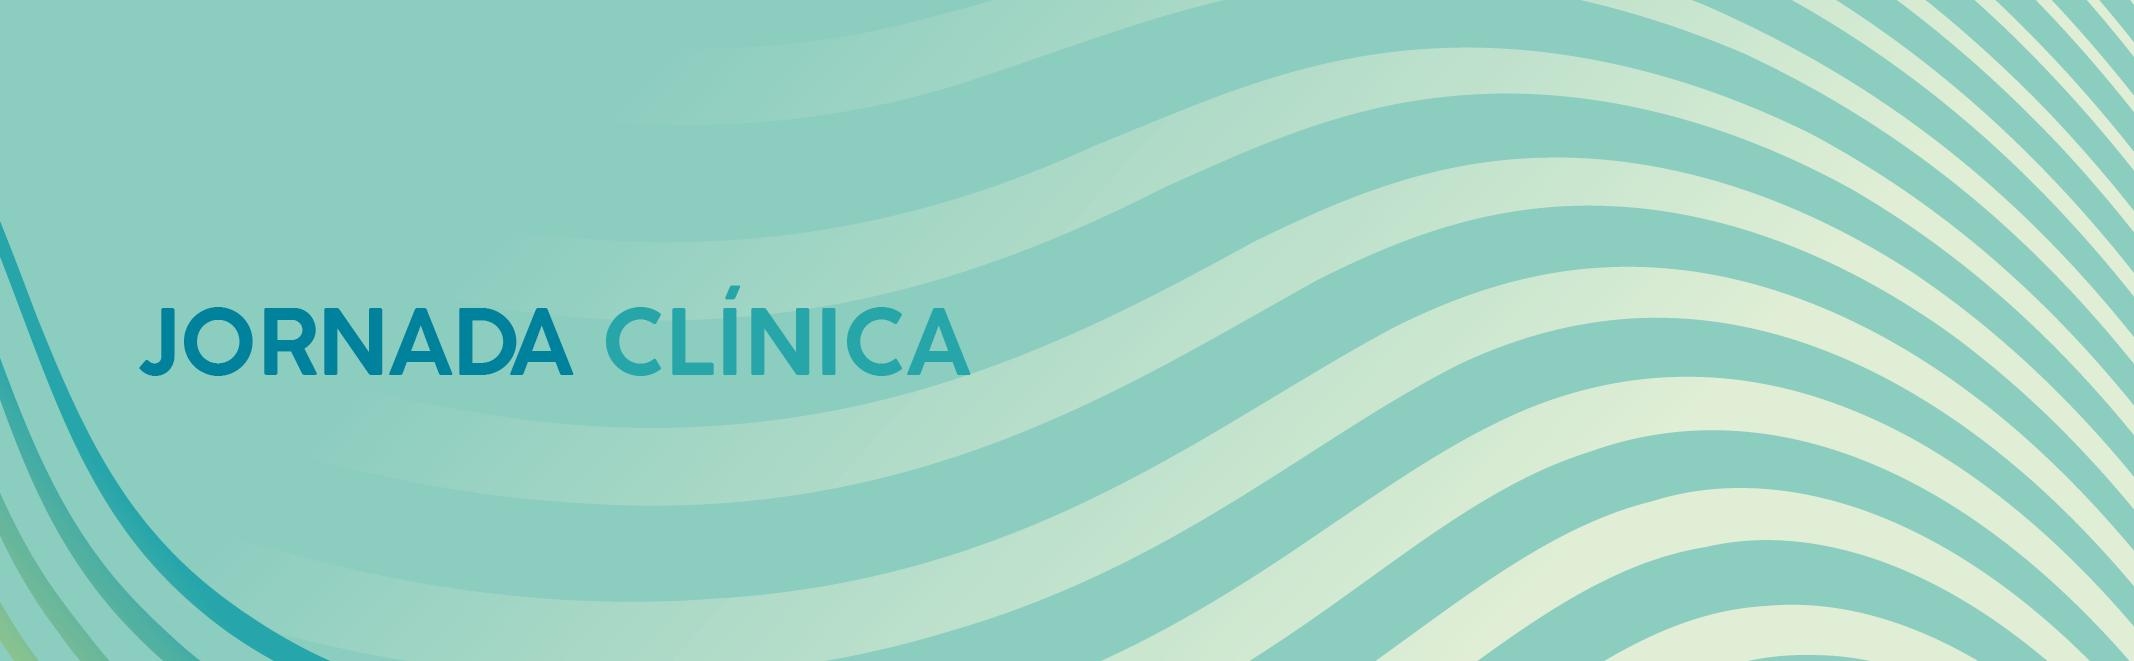 JornadaClínica1024x31714